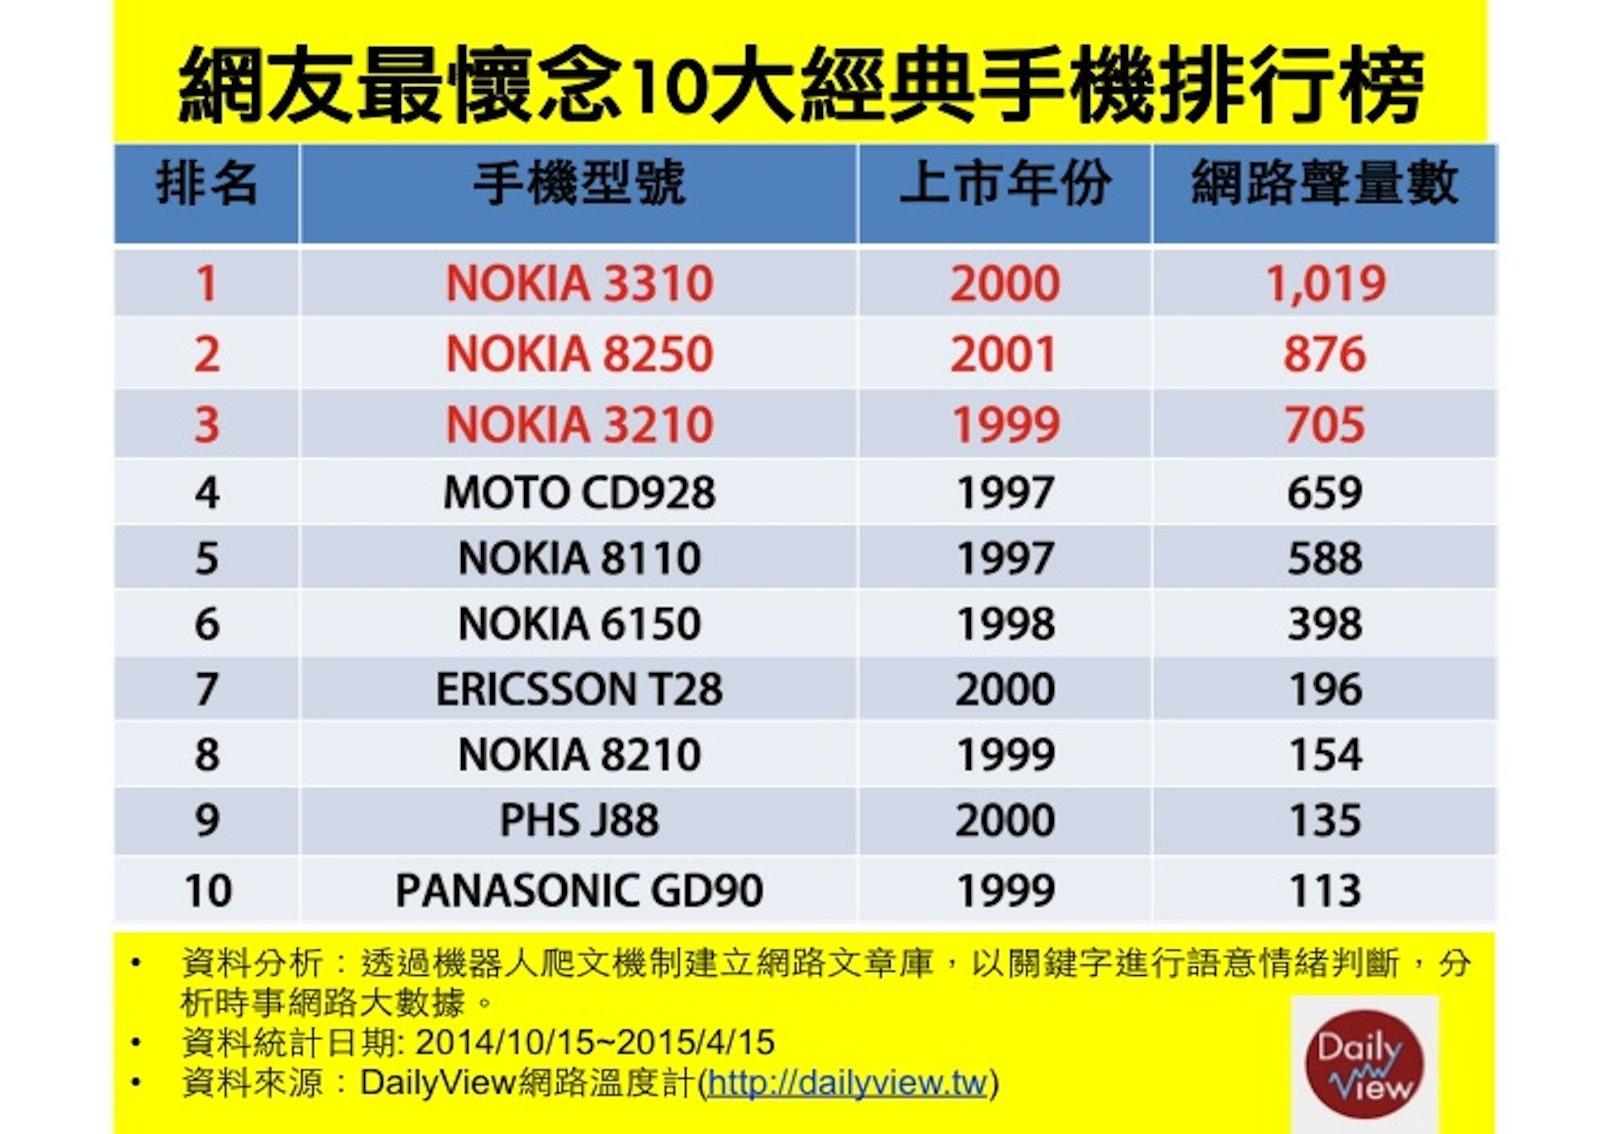 網友最懷念10大經典手機排行榜